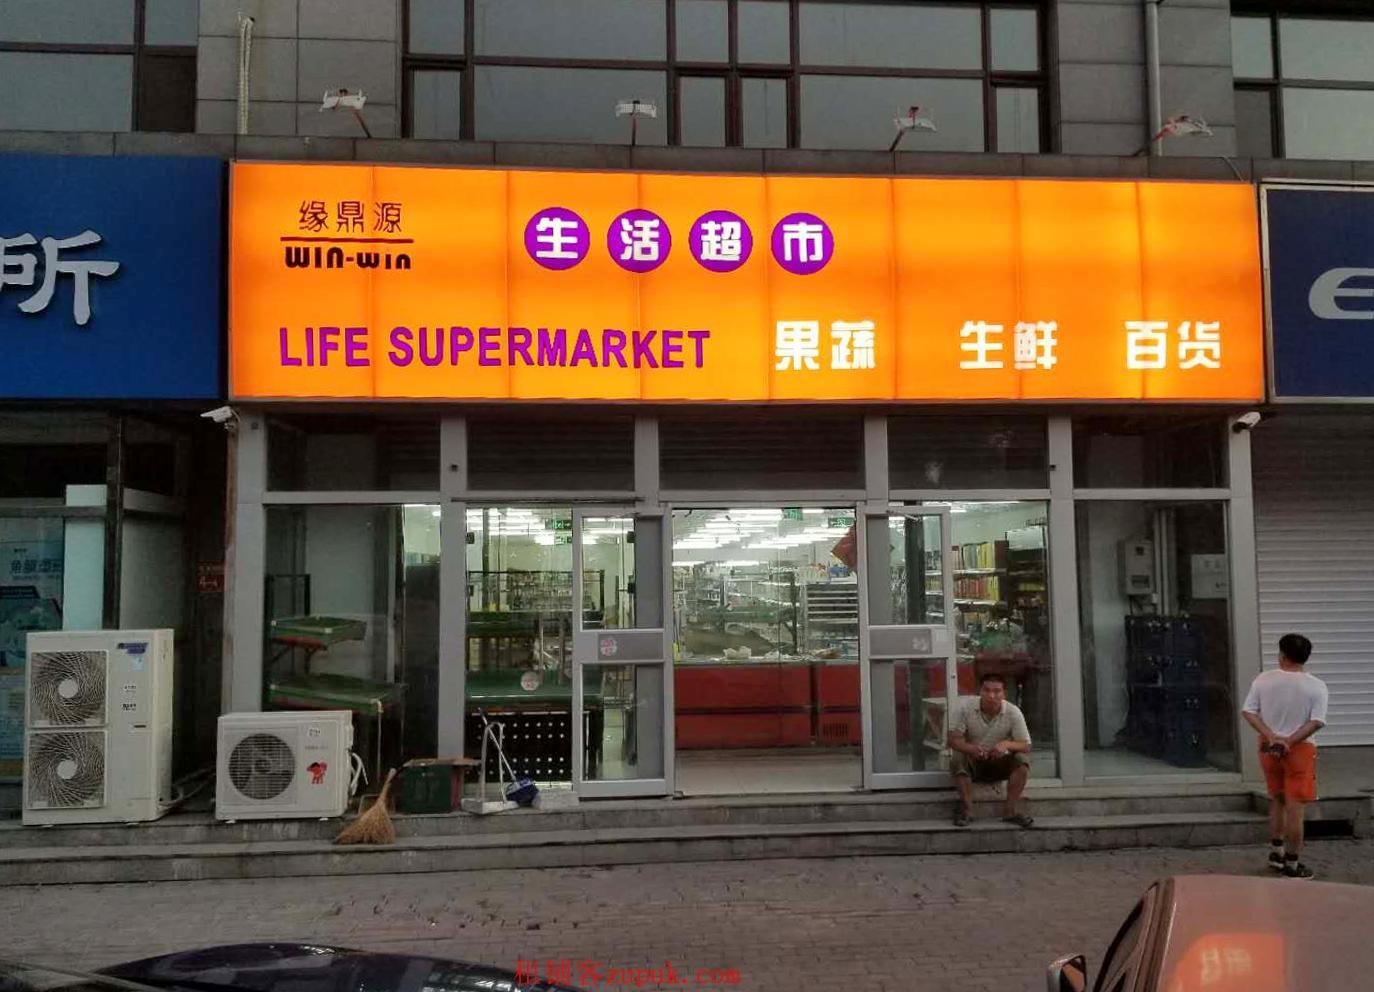 招租生活超市熟食摊位、生鲜摊位、主食摊位